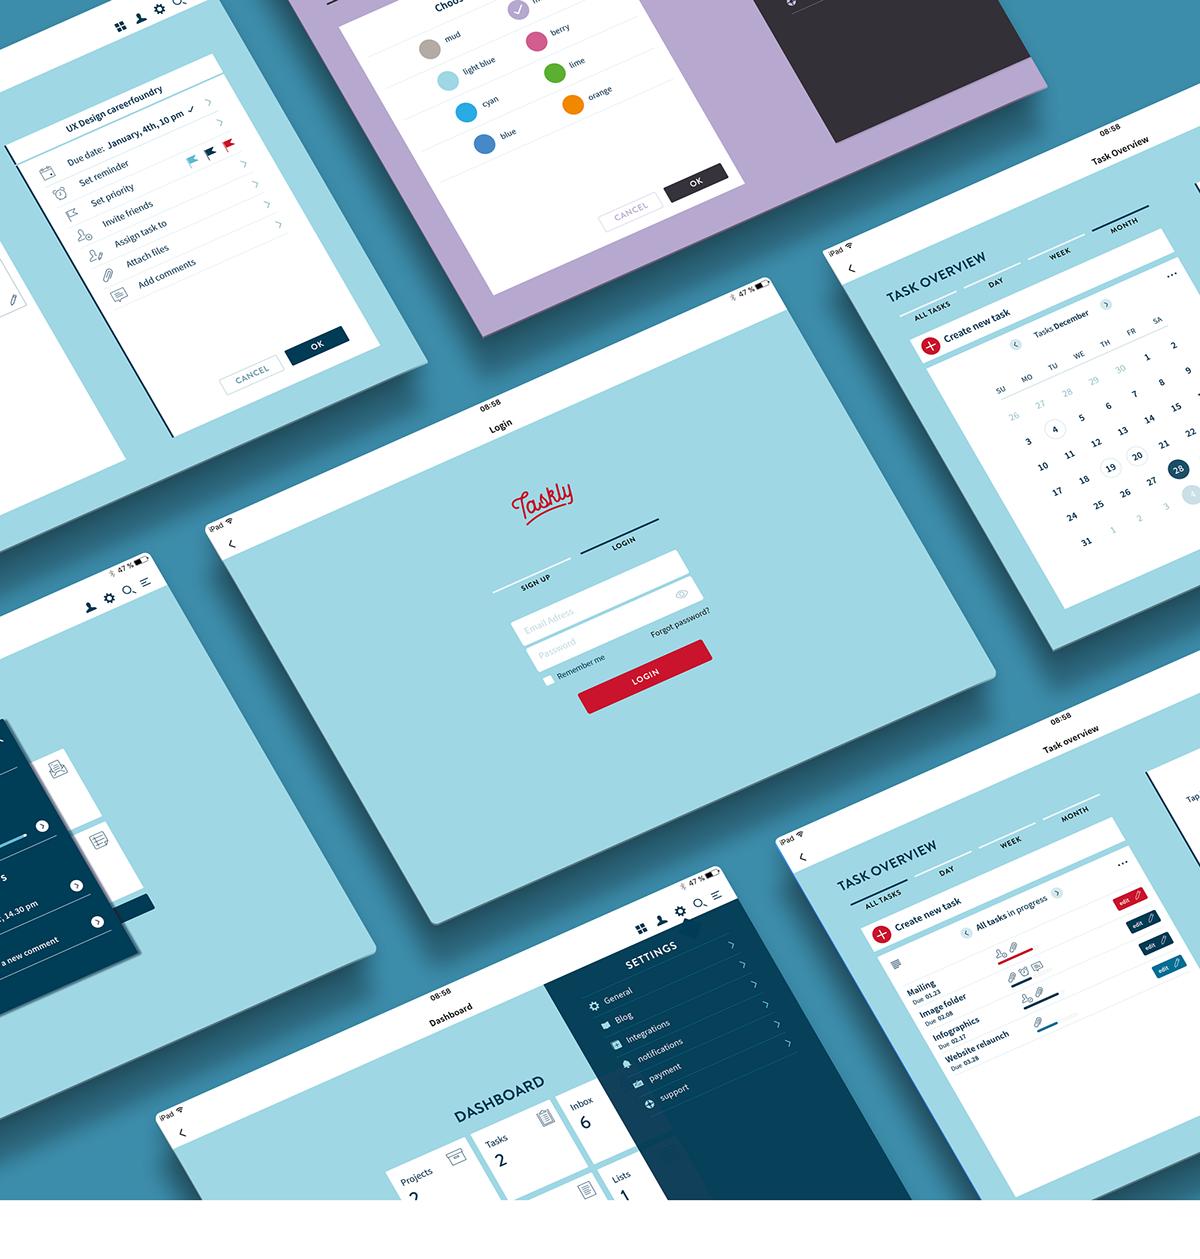 UX design task management ui design ux UI app design